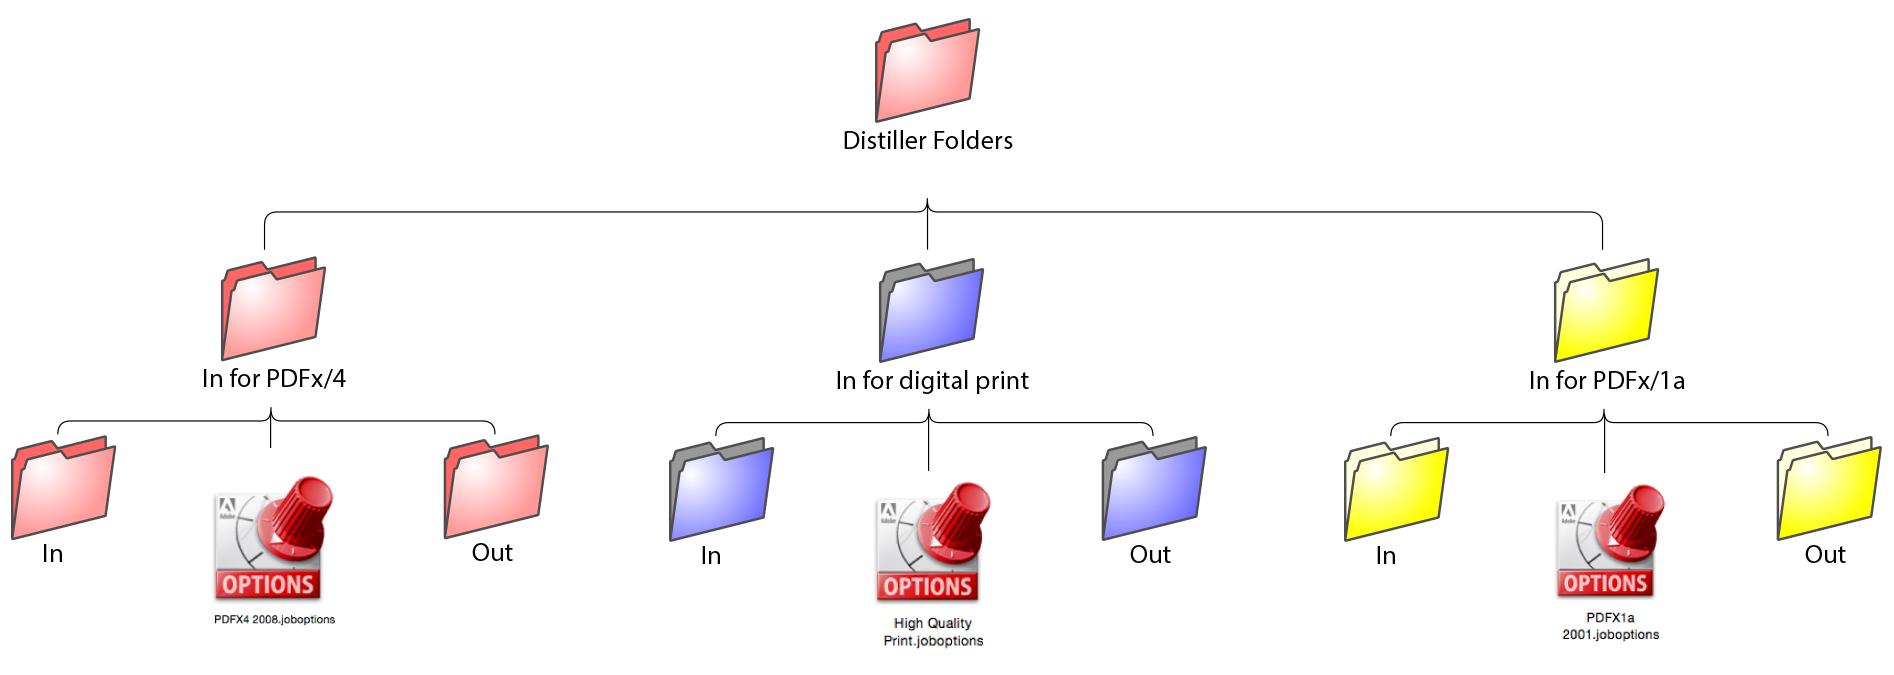 Distiller Folders